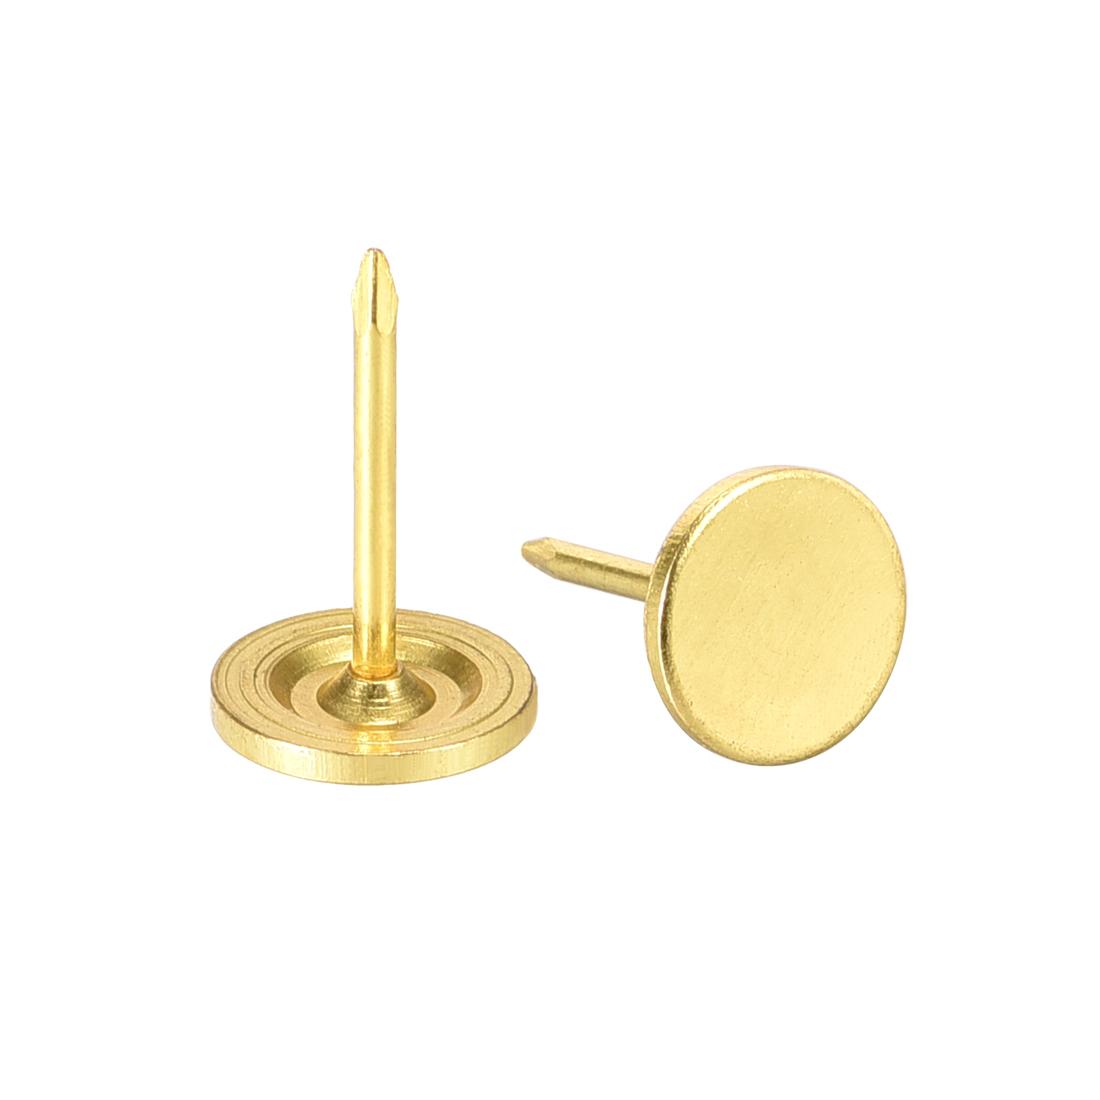 Upholstery Nails Tacks 11mmx17mm Flat Head Furniture Nail Gold Tone 50 Pcs